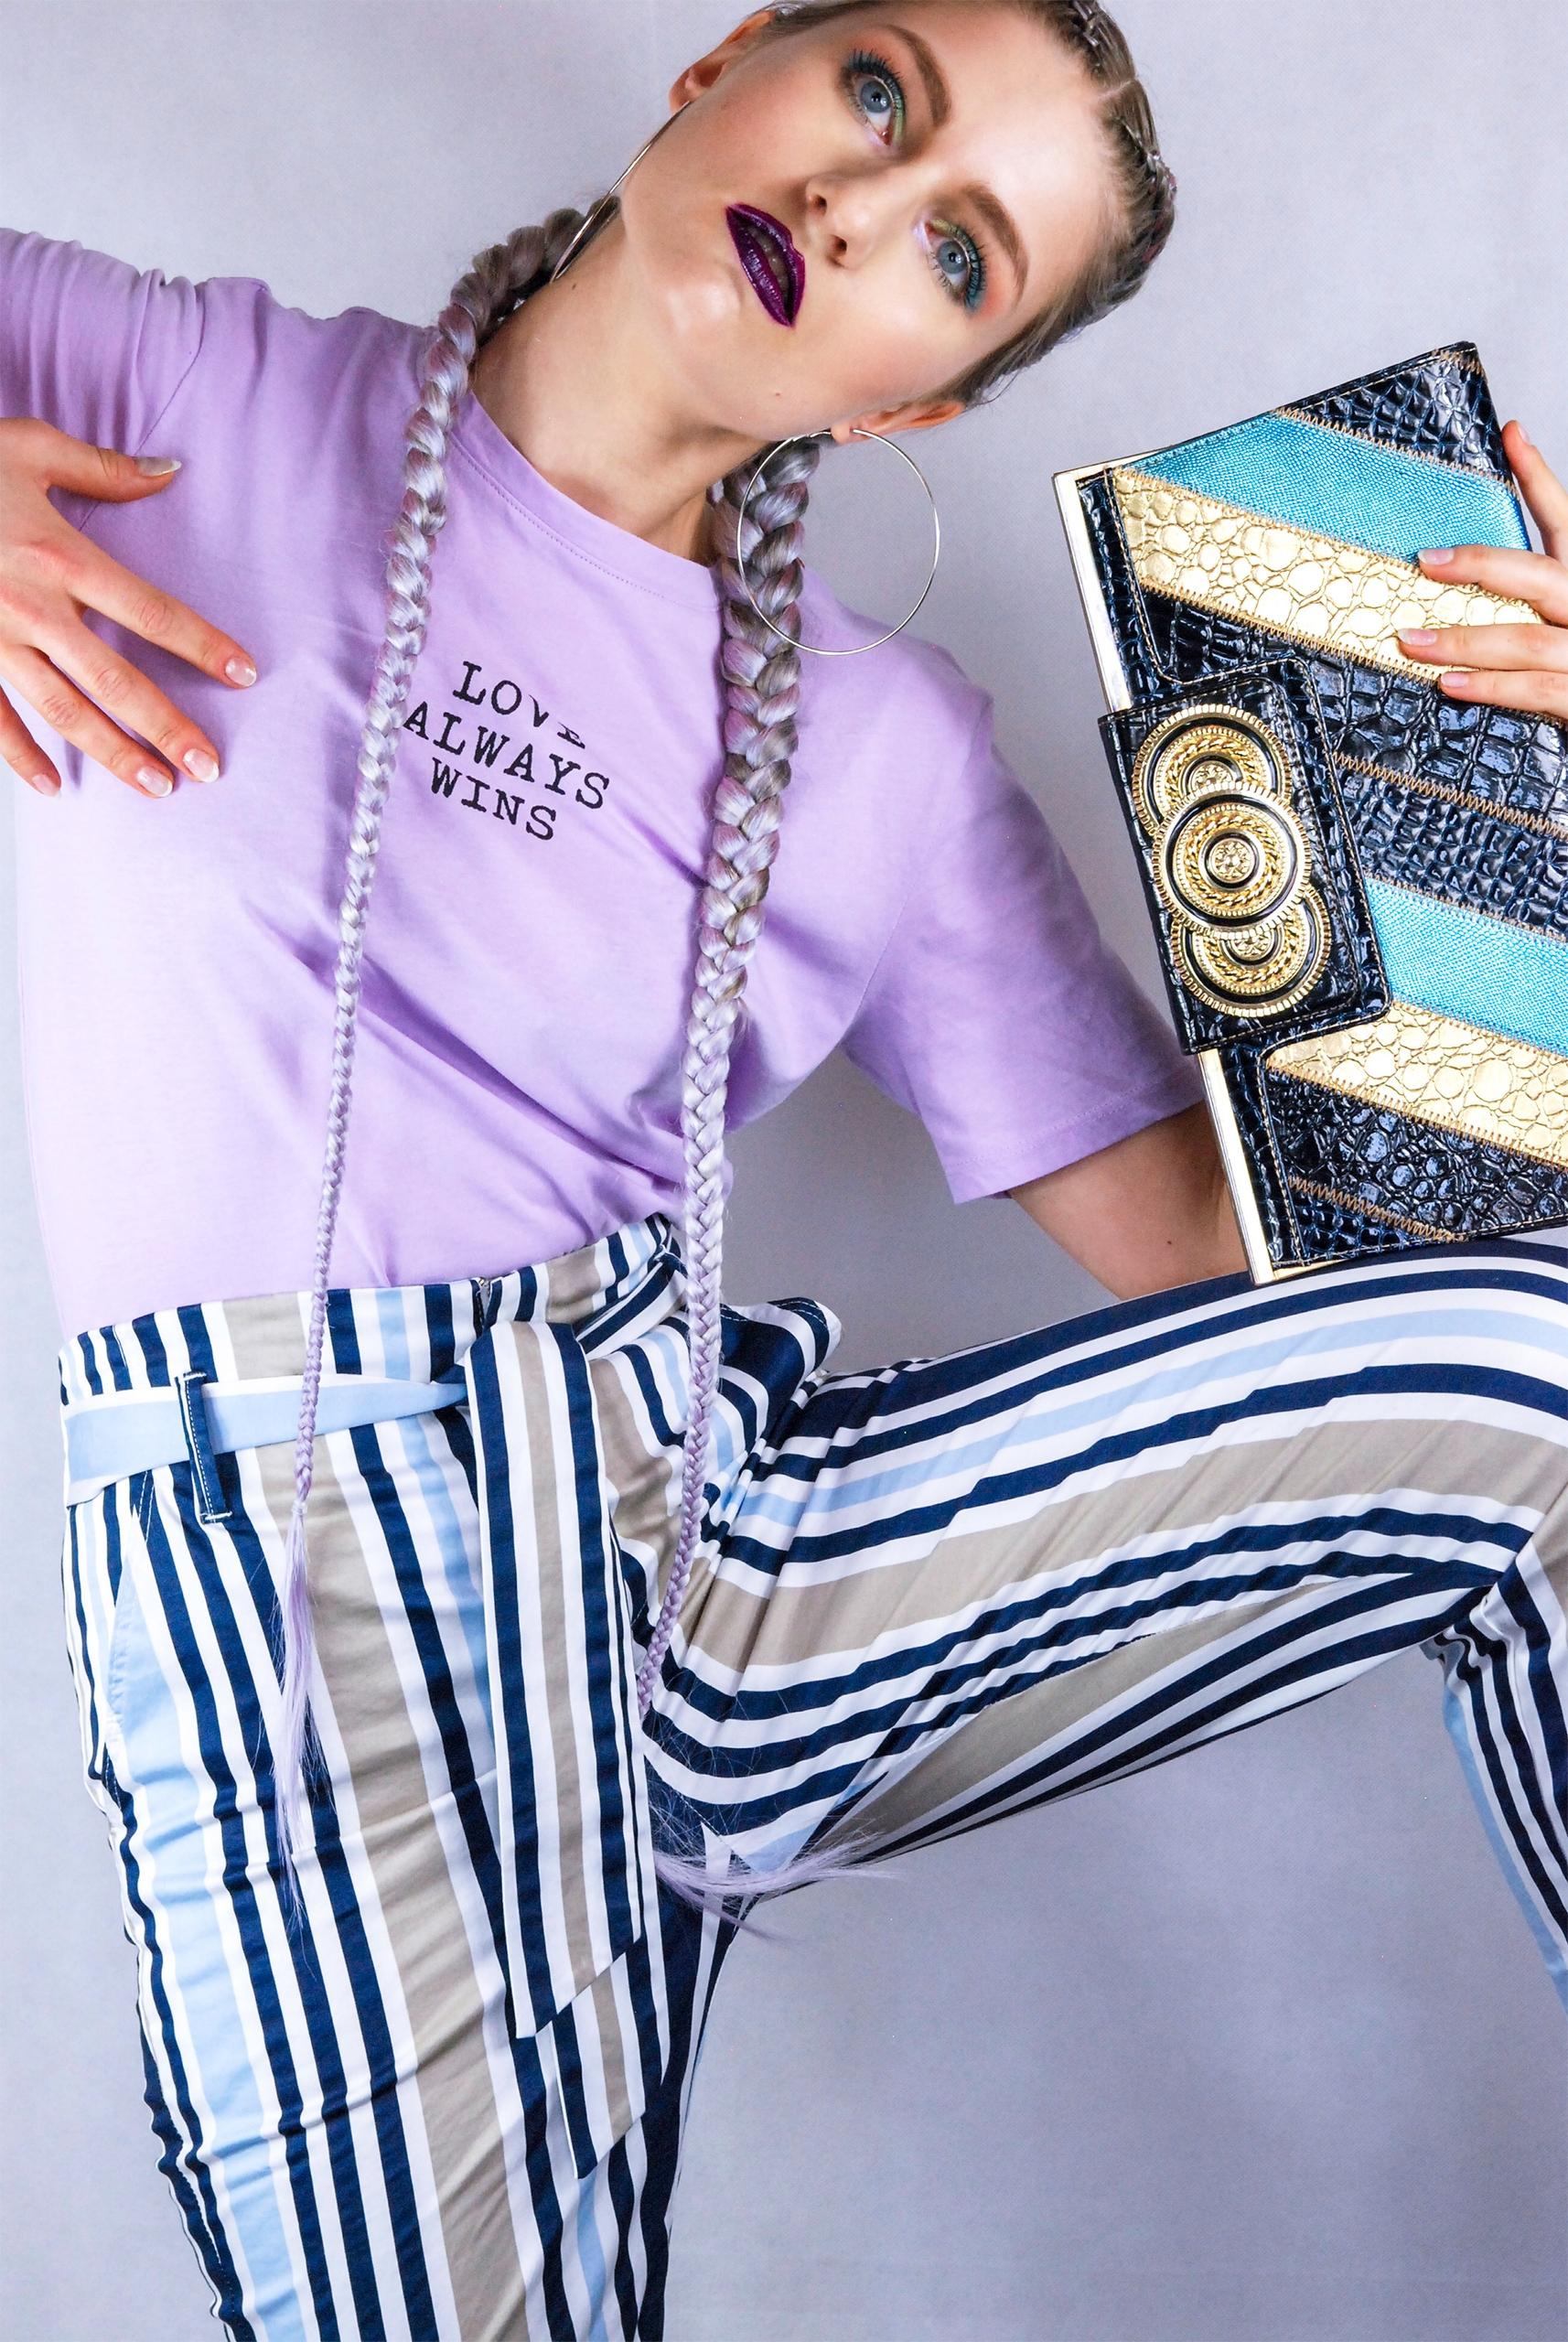 Zdjęcie przedstawia kobietę w nienaturalnej pozie. Kobieta ma na sobie spodnie w paski i jasno-fioletową koszulkę.